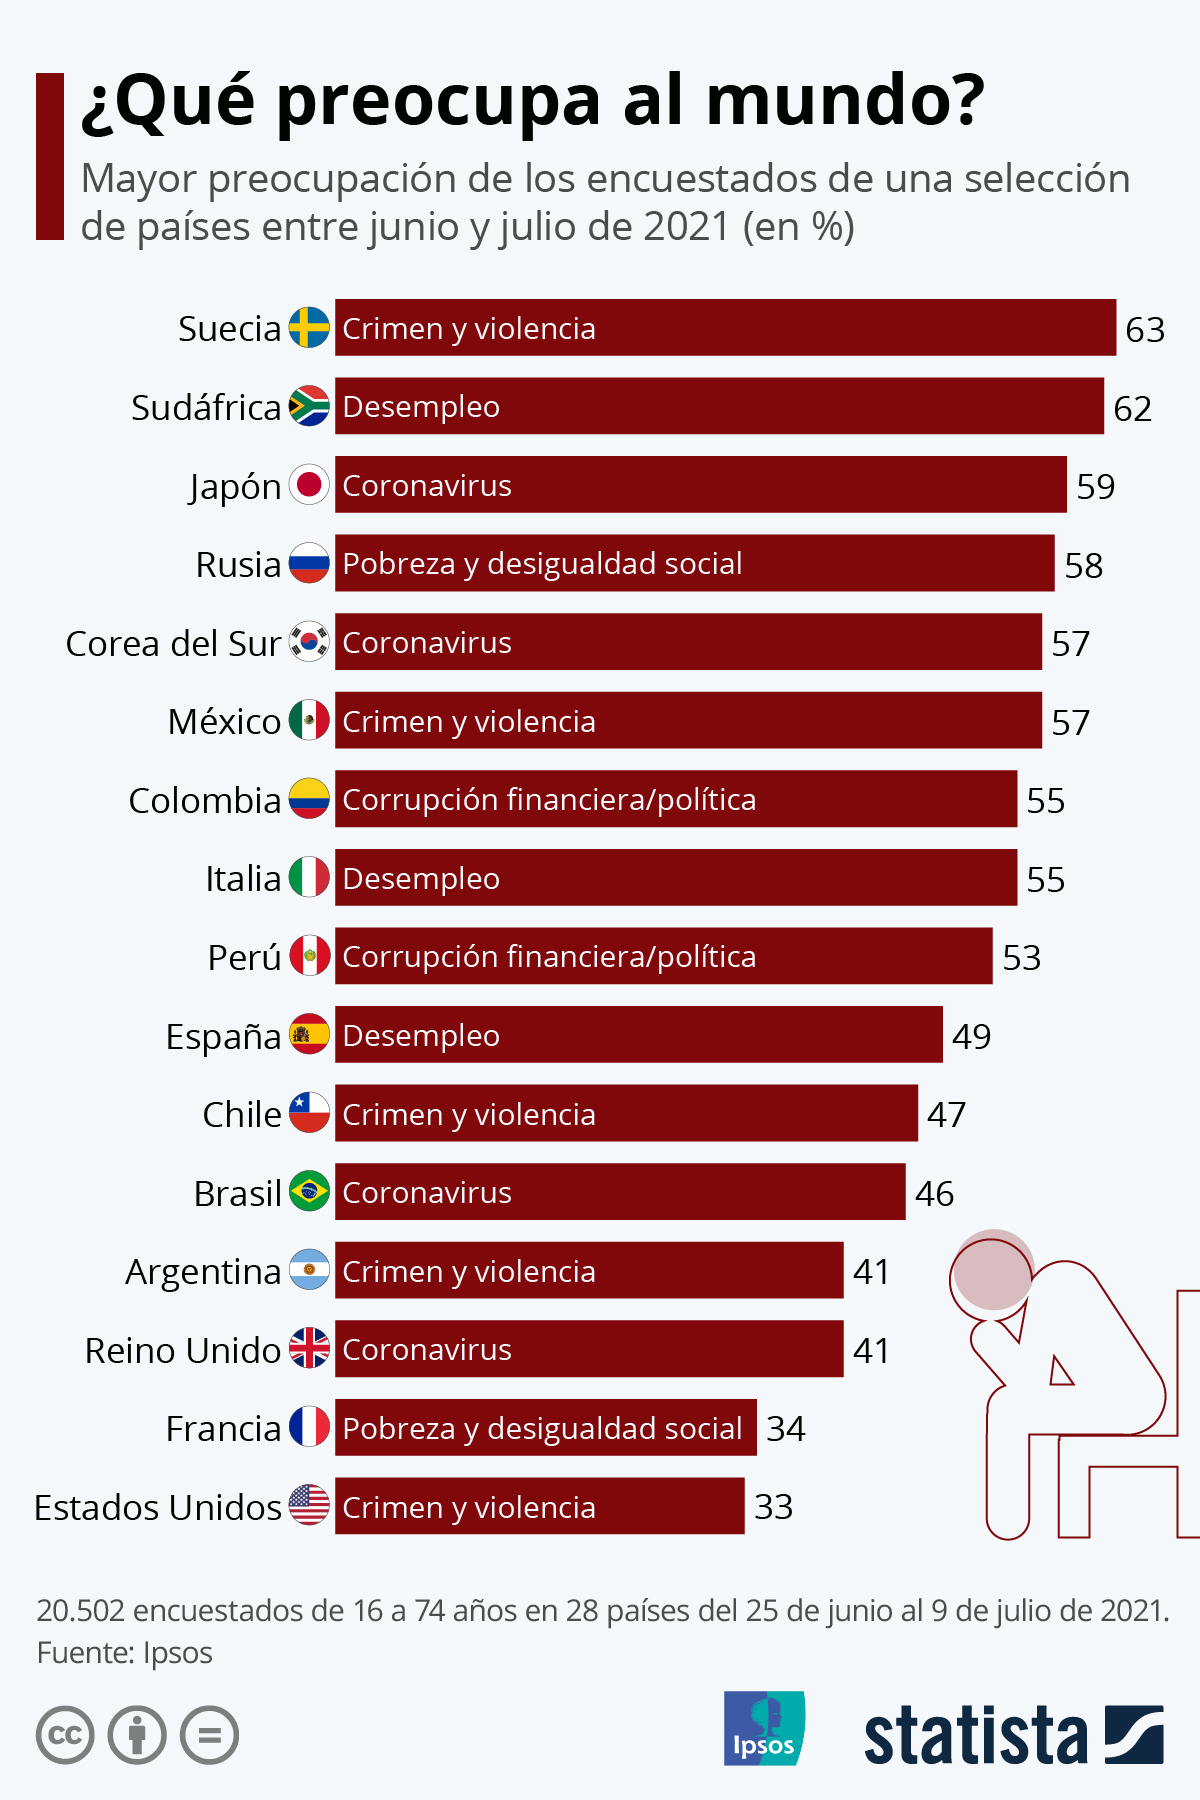 Infografía: El desempleo en España, el coronavirus en Brasil... ¿Cuál es la mayor preocupación en cada país? | Statista